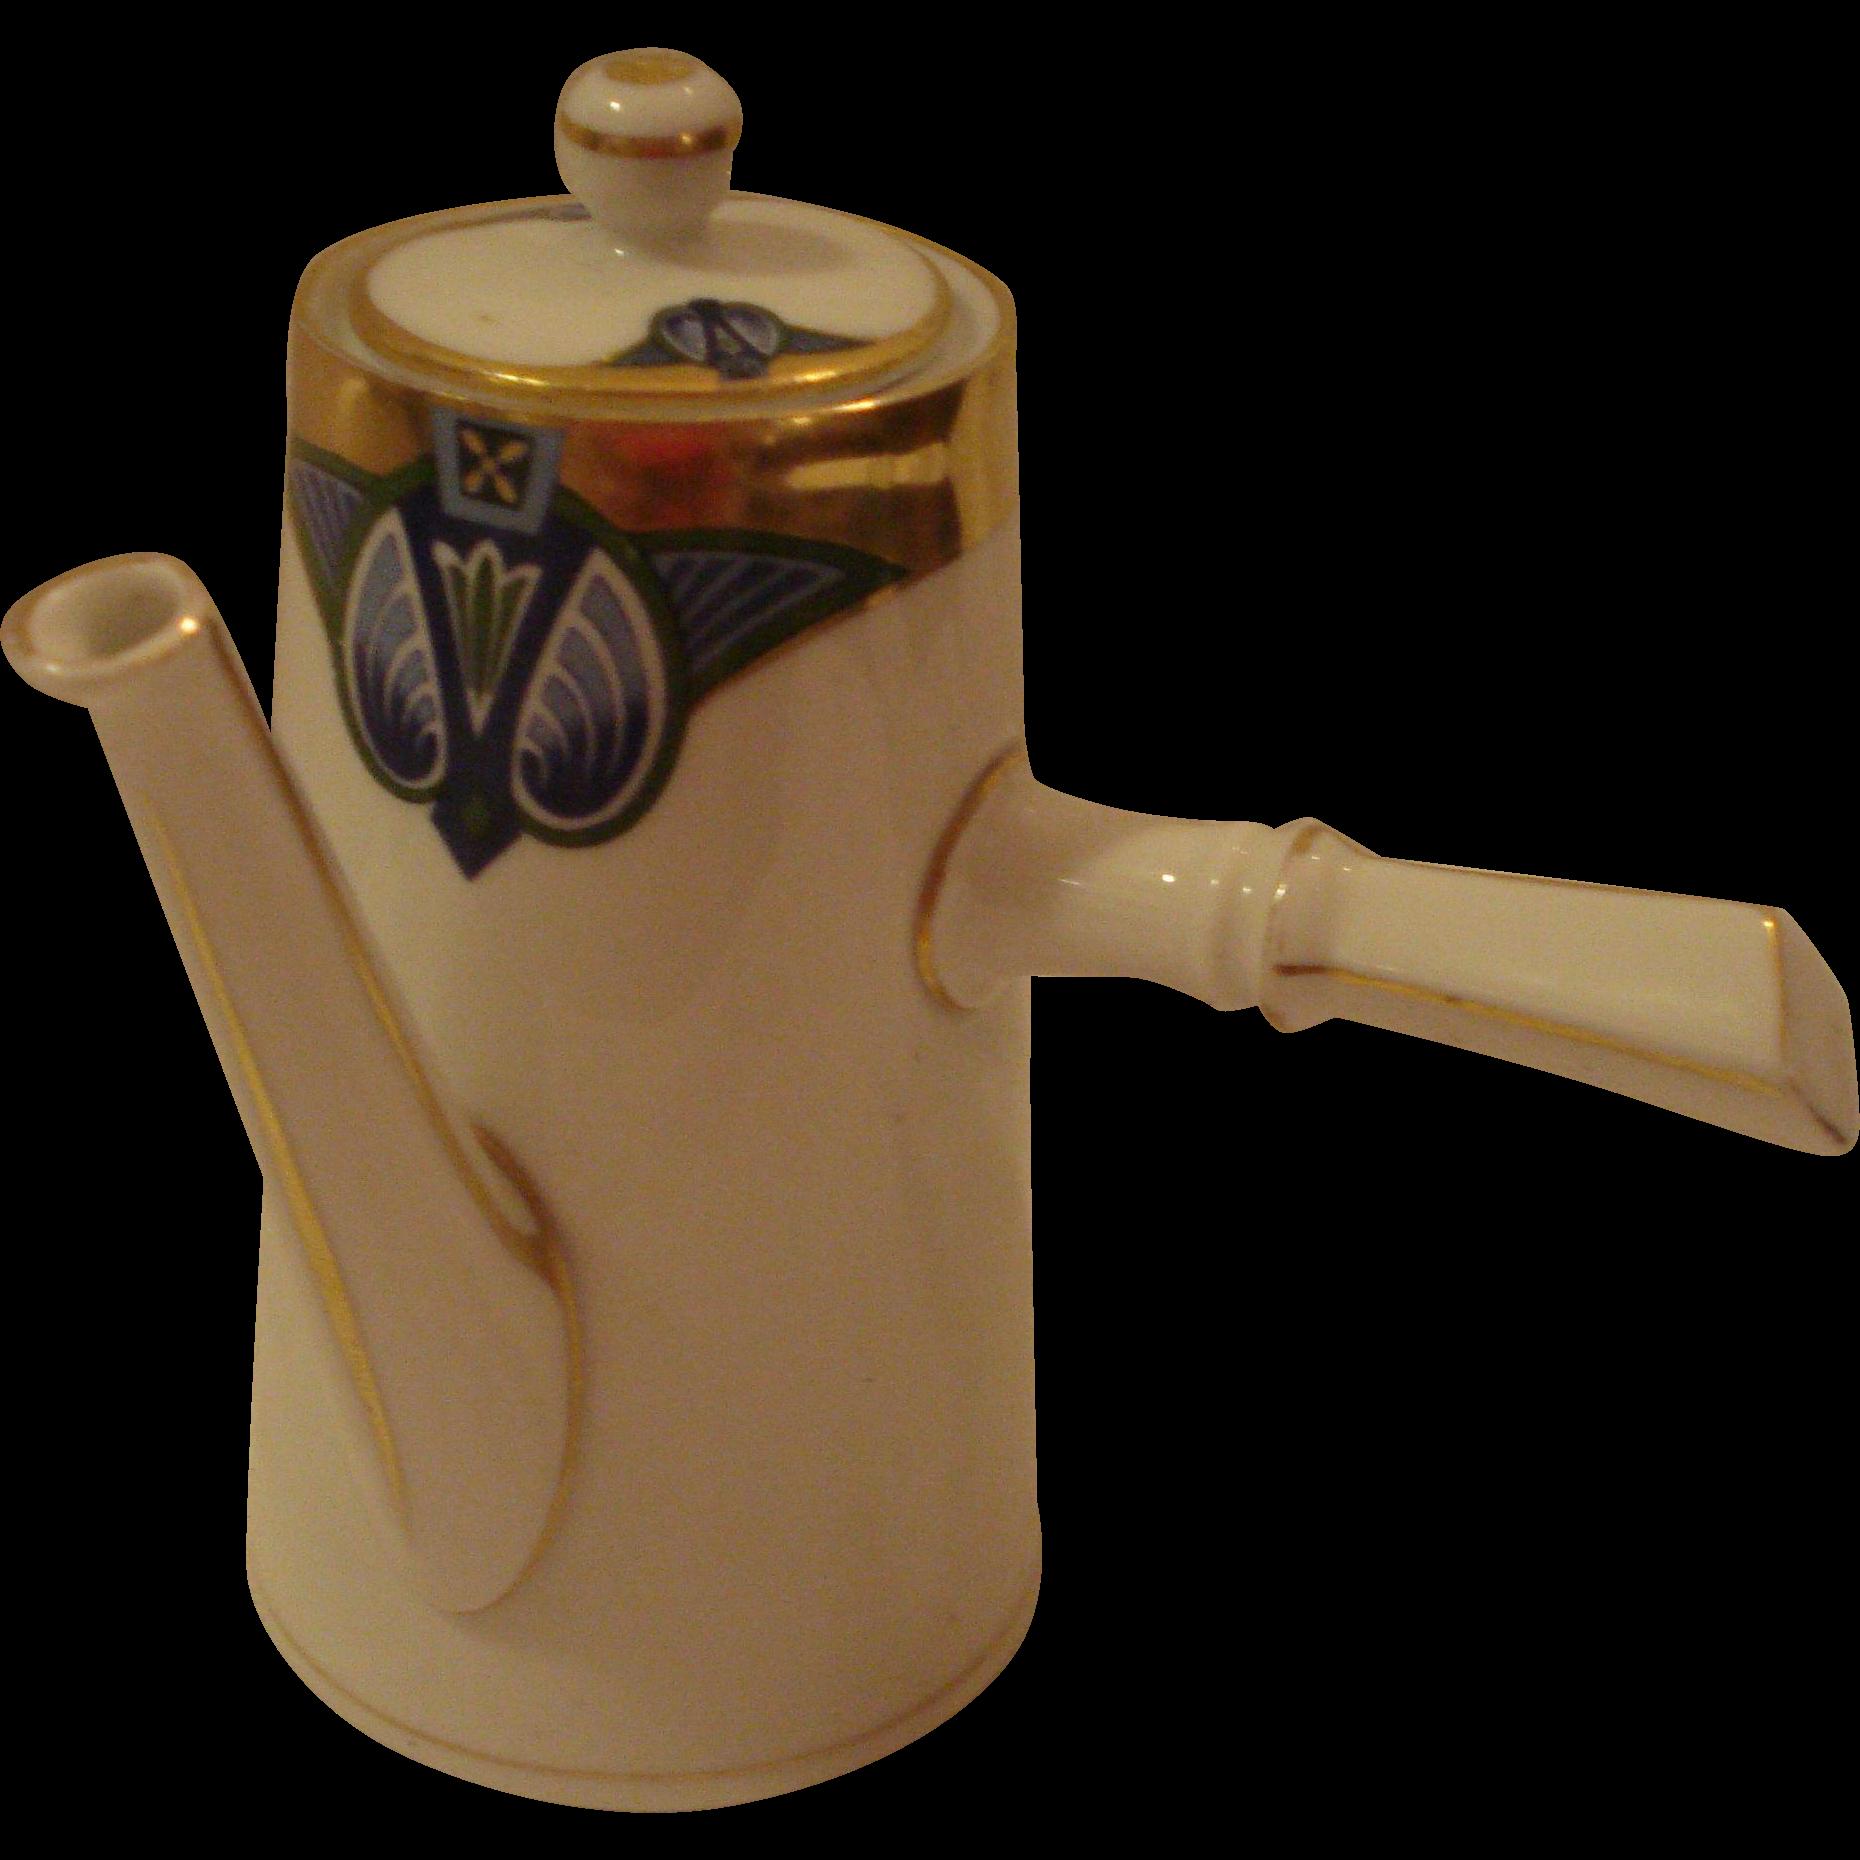 M Z Austria Porcelain Chocolate Pot